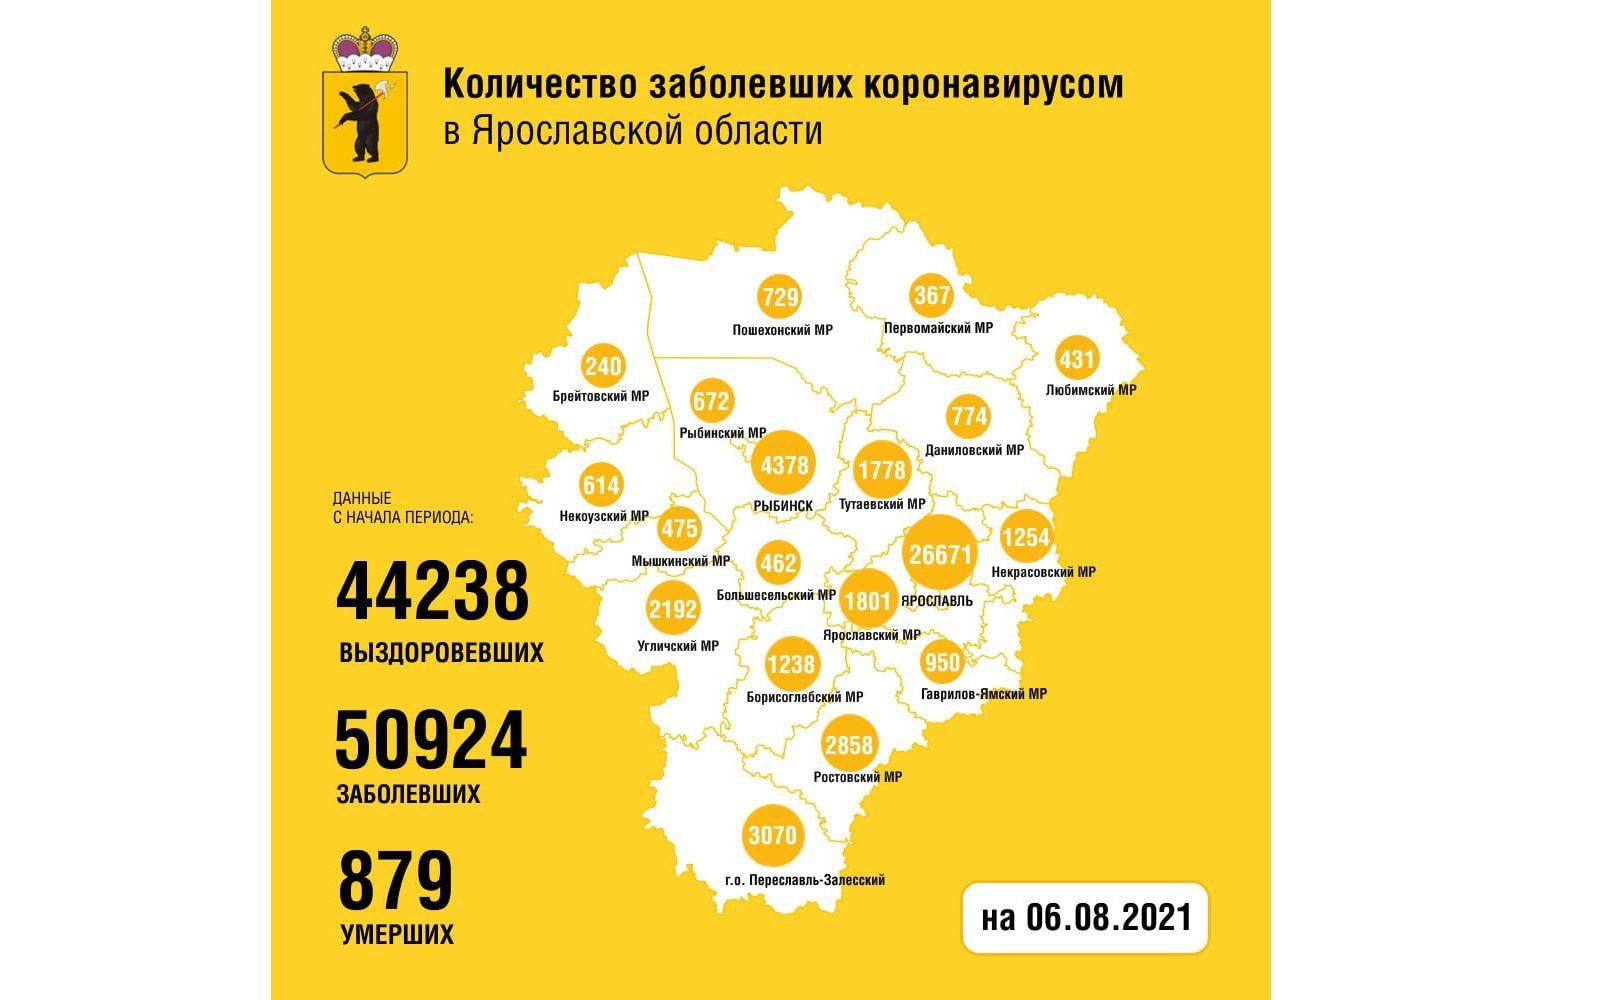 В Ярославской области за сутки коронавирусом заболели 197 человек, пятеро скончались